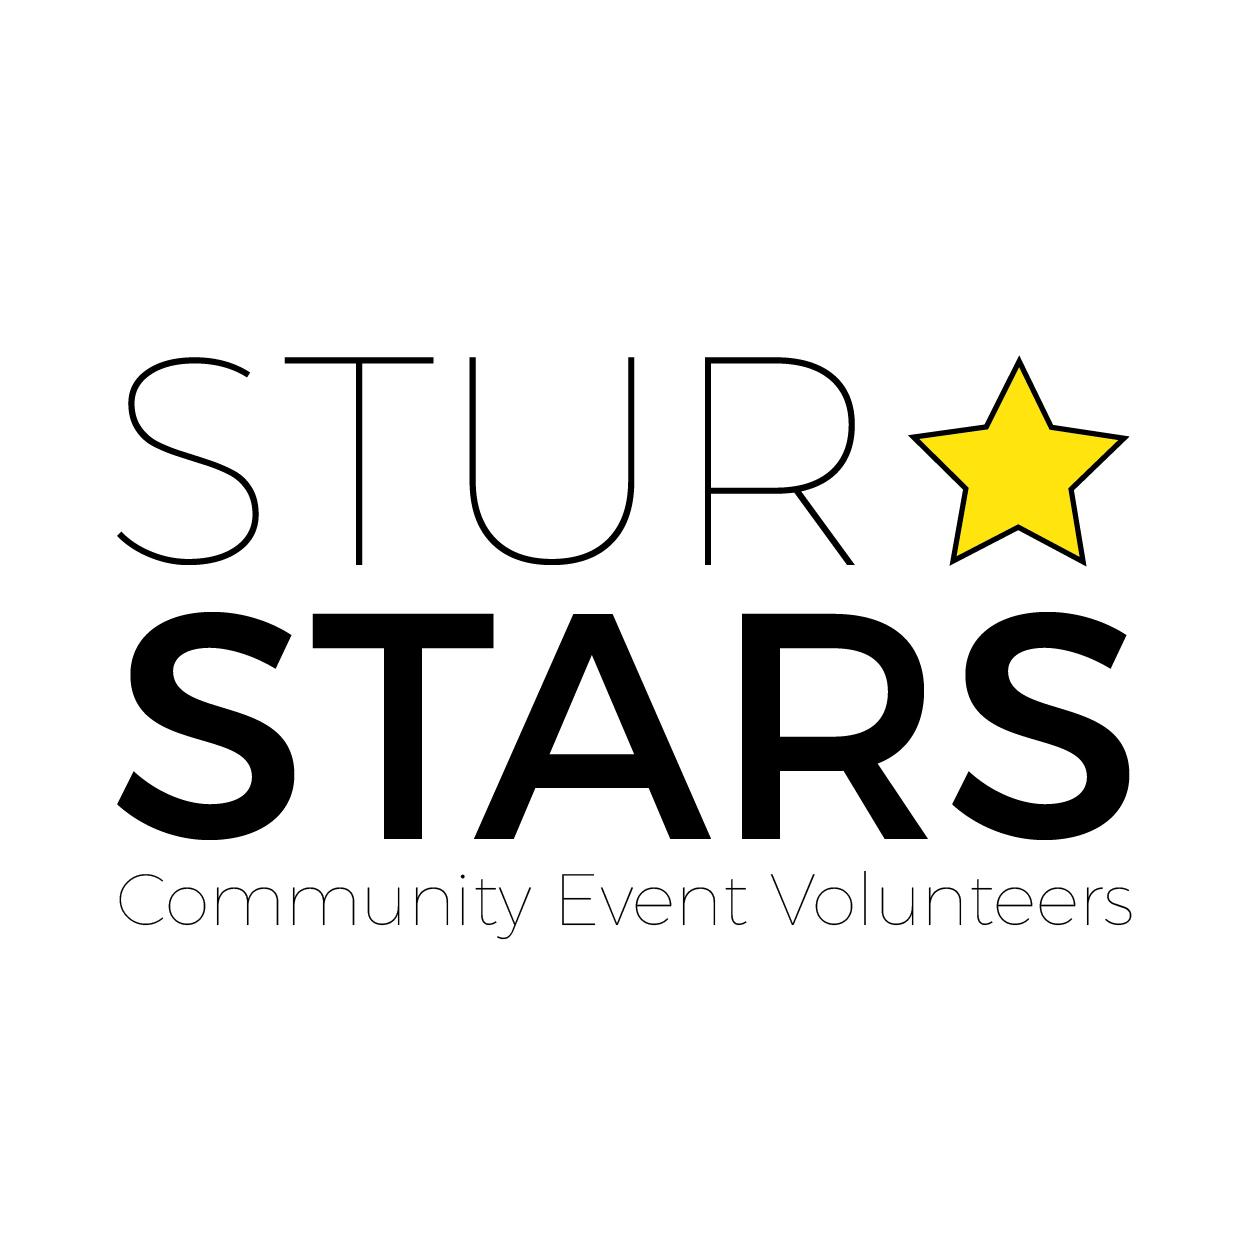 Sturminster Newton-Stur Stars 1